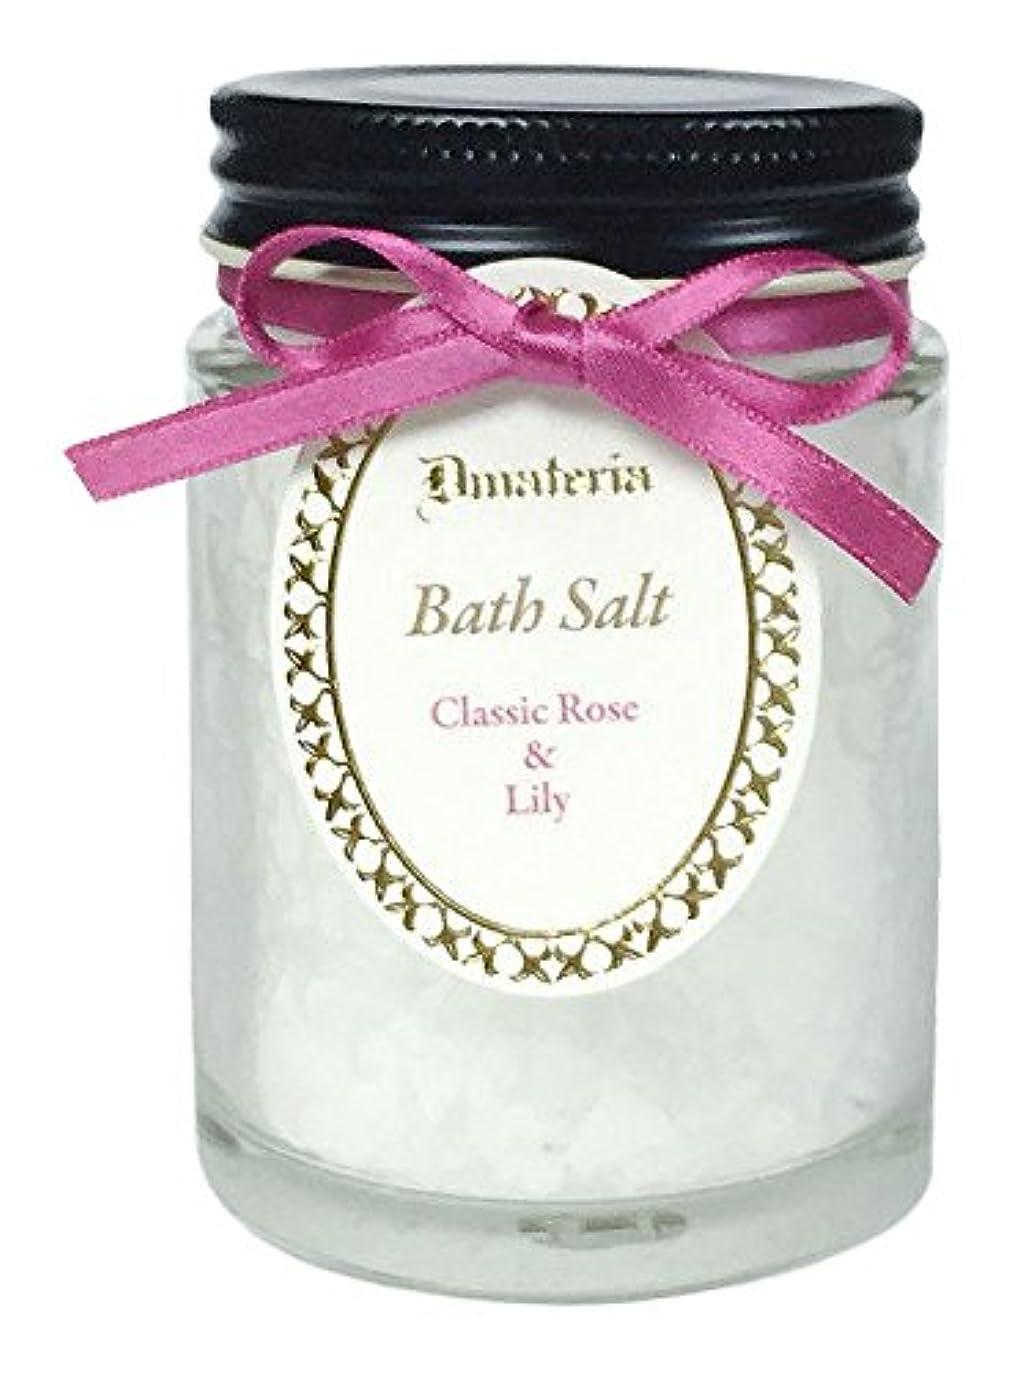 どちらか挑発するプロジェクターD materia バスソルト クラシックローズ&リリー Classic Rose&Lily Bath Salt ディーマテリア